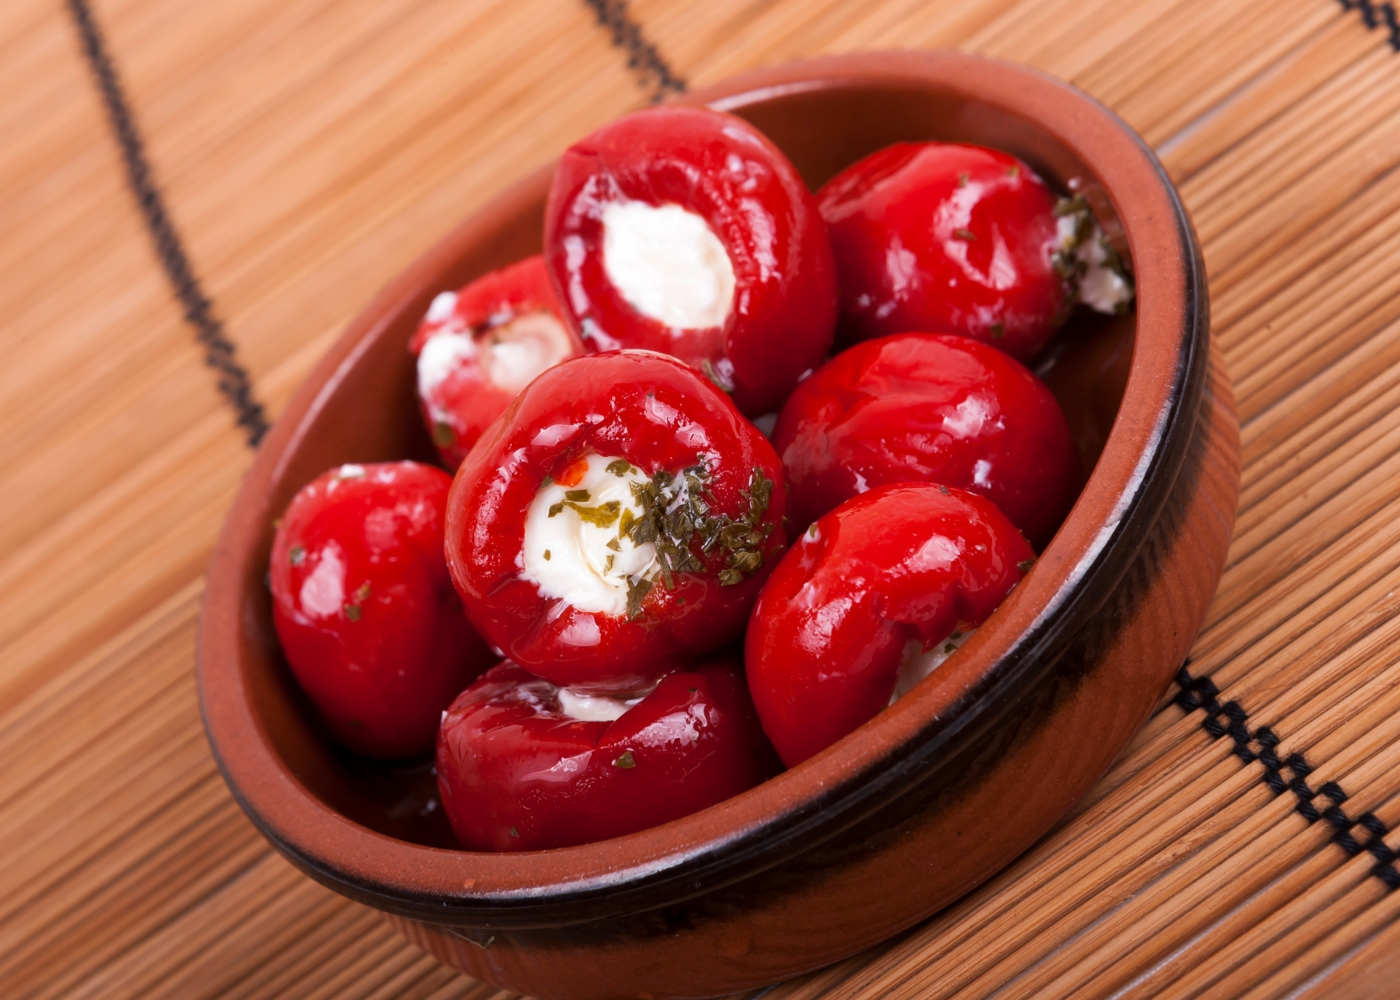 Tomates recheados com requeijão